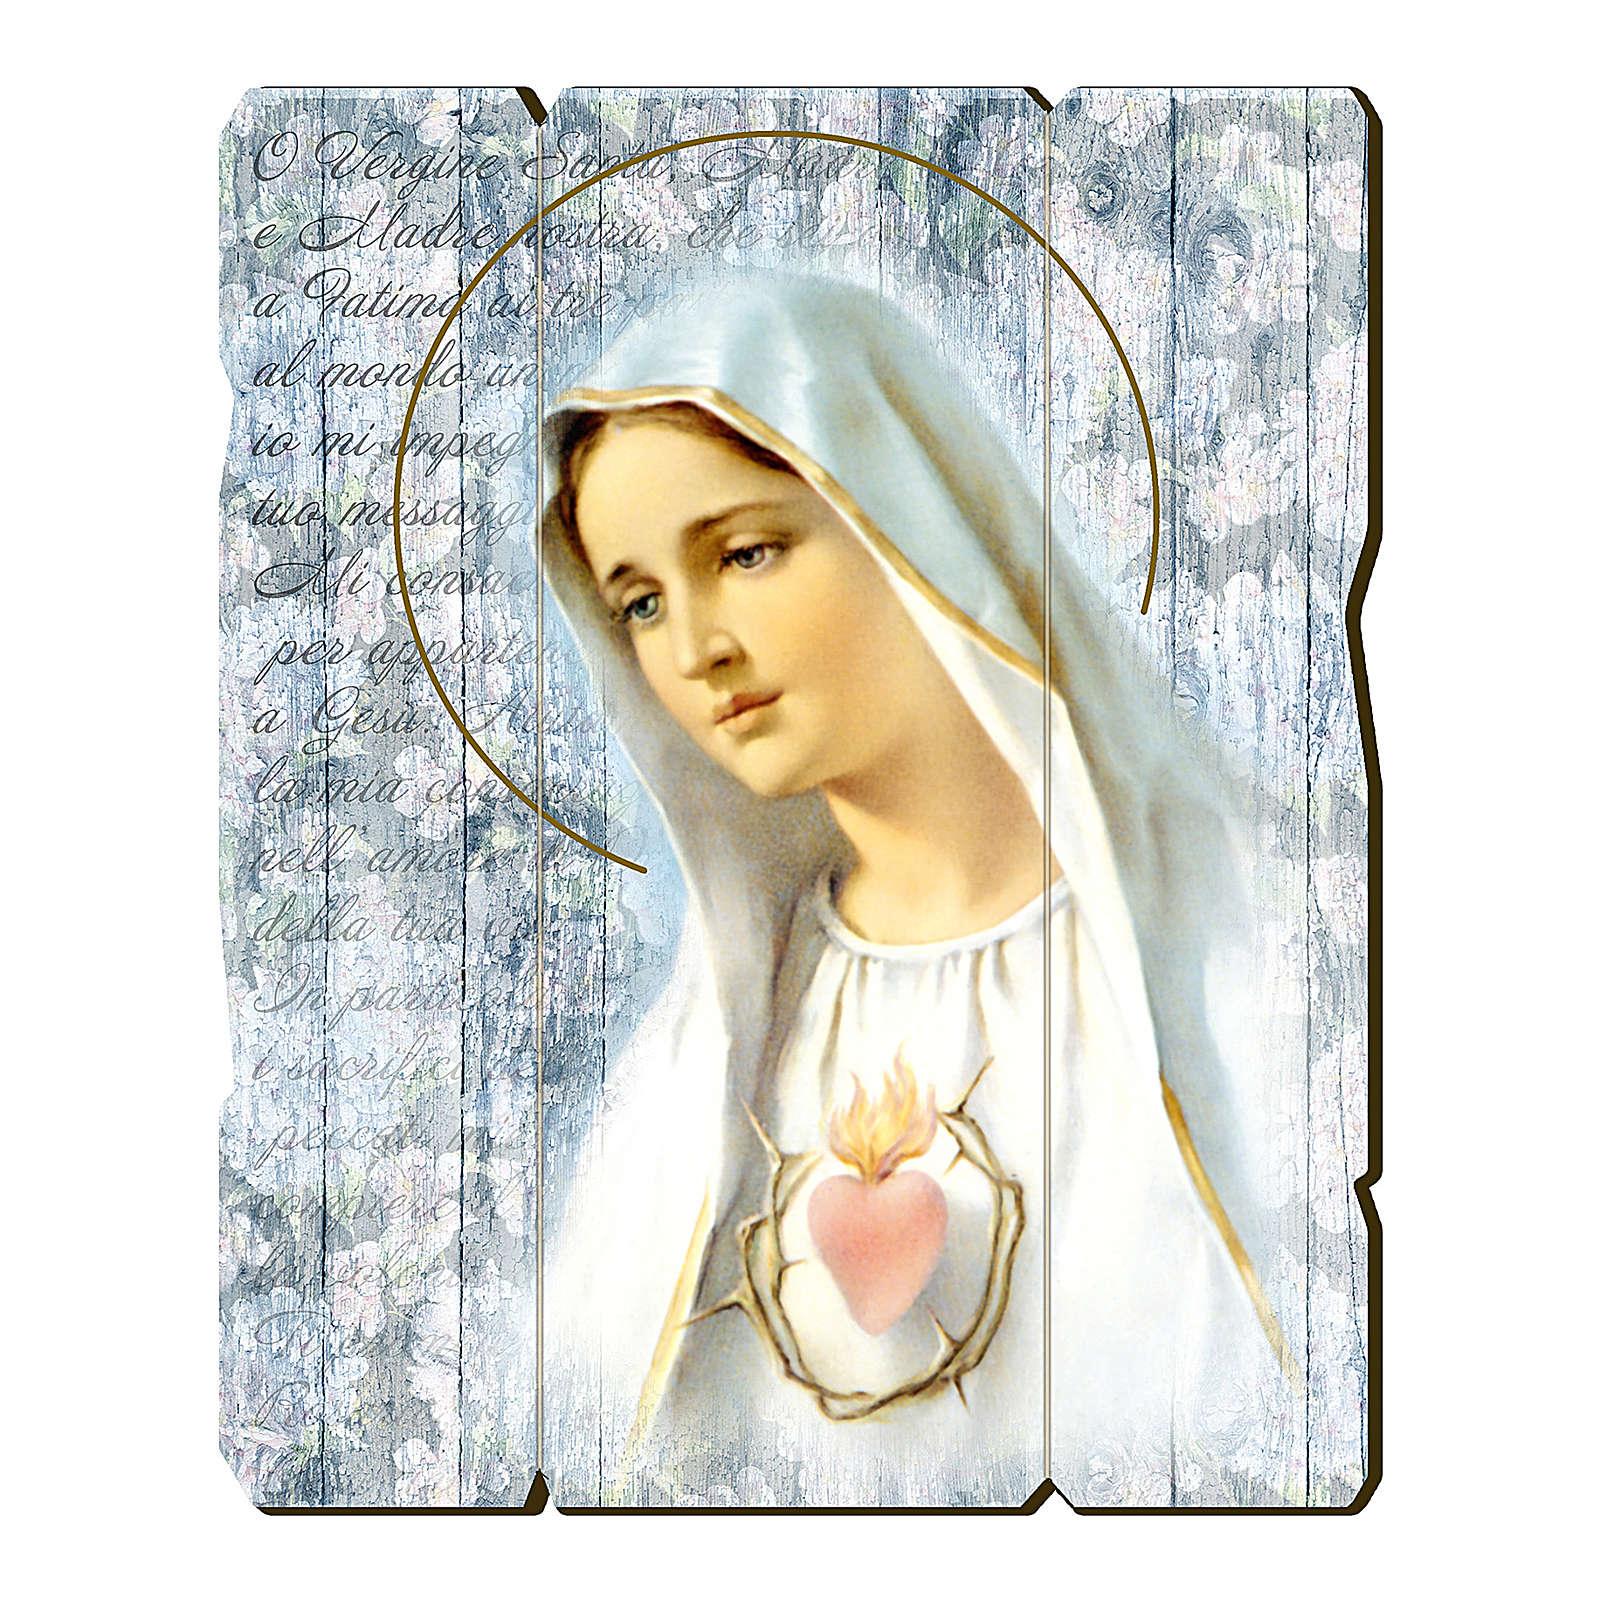 Cuadro de Madera Perfilada gancho parte posterior de la Virgen Fátima 35x30 3